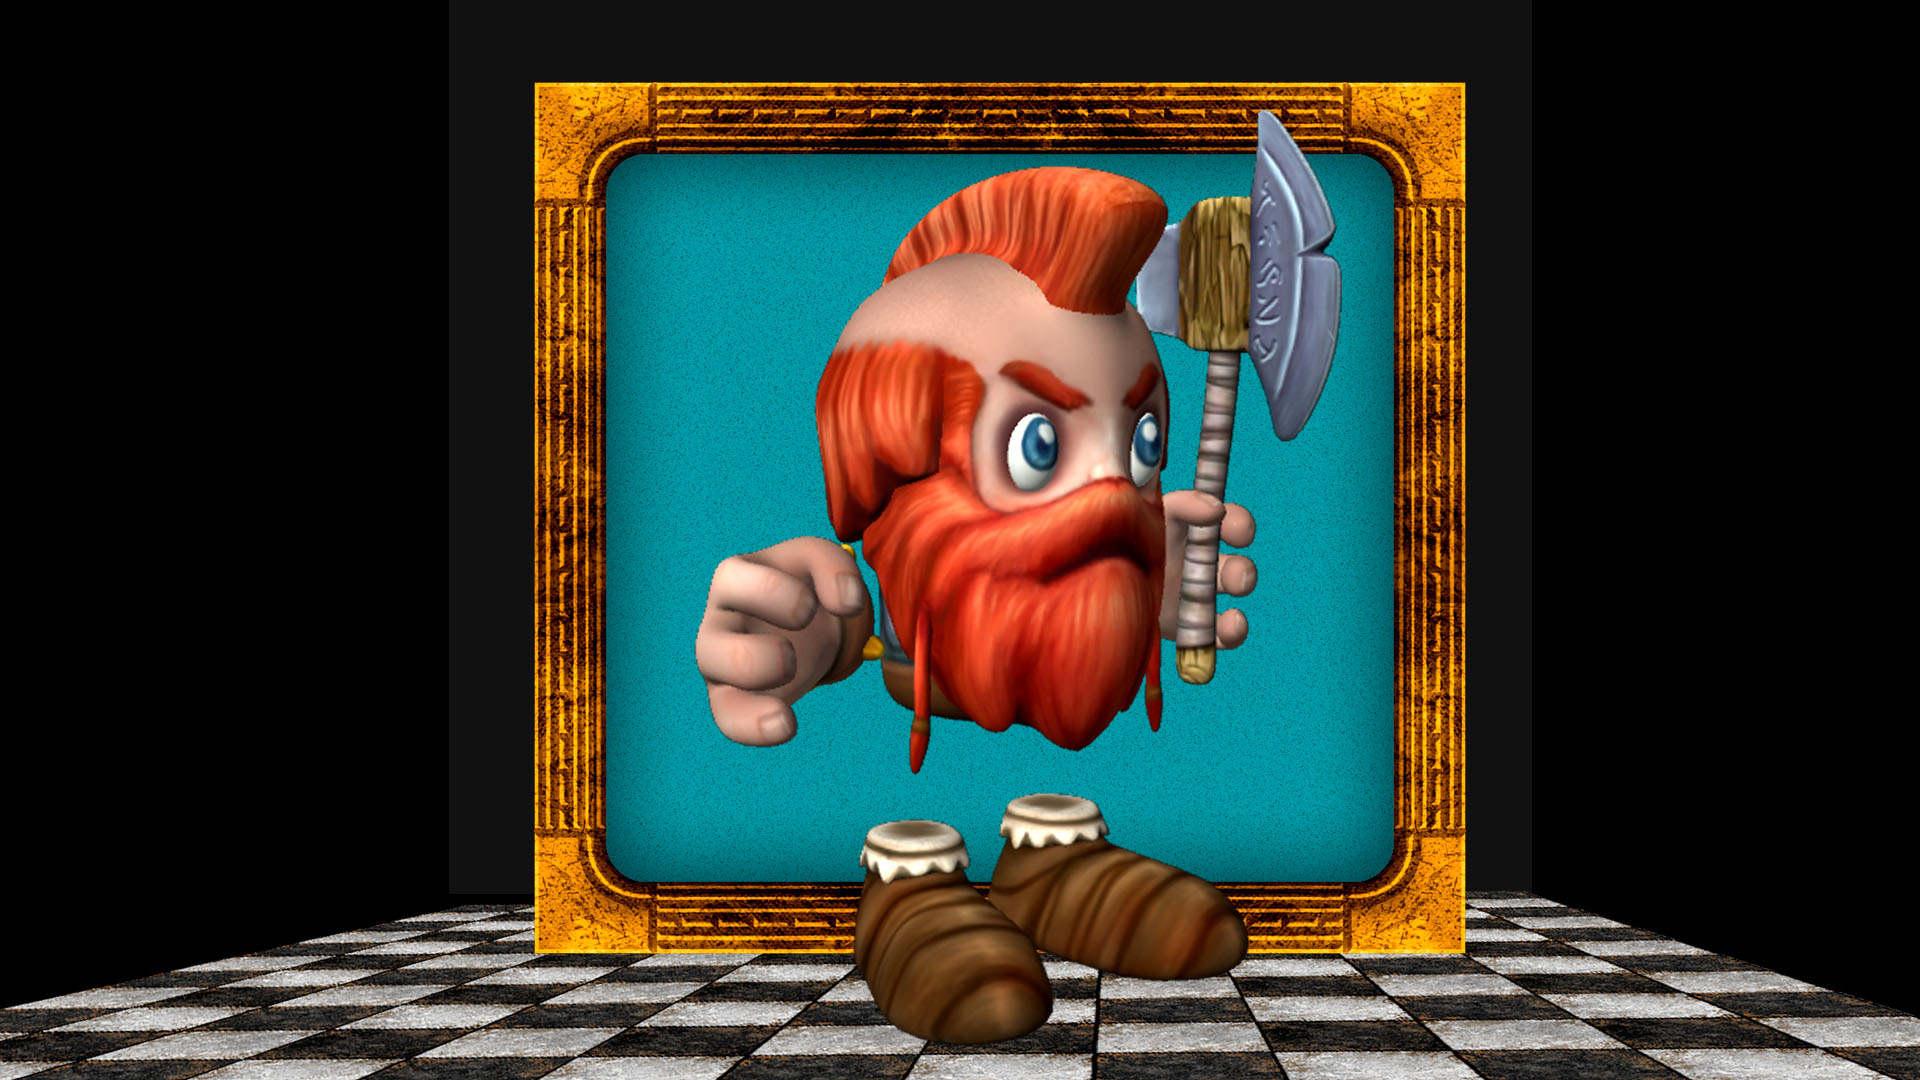 Steam Card Exchange Showcase Chess Knight 2